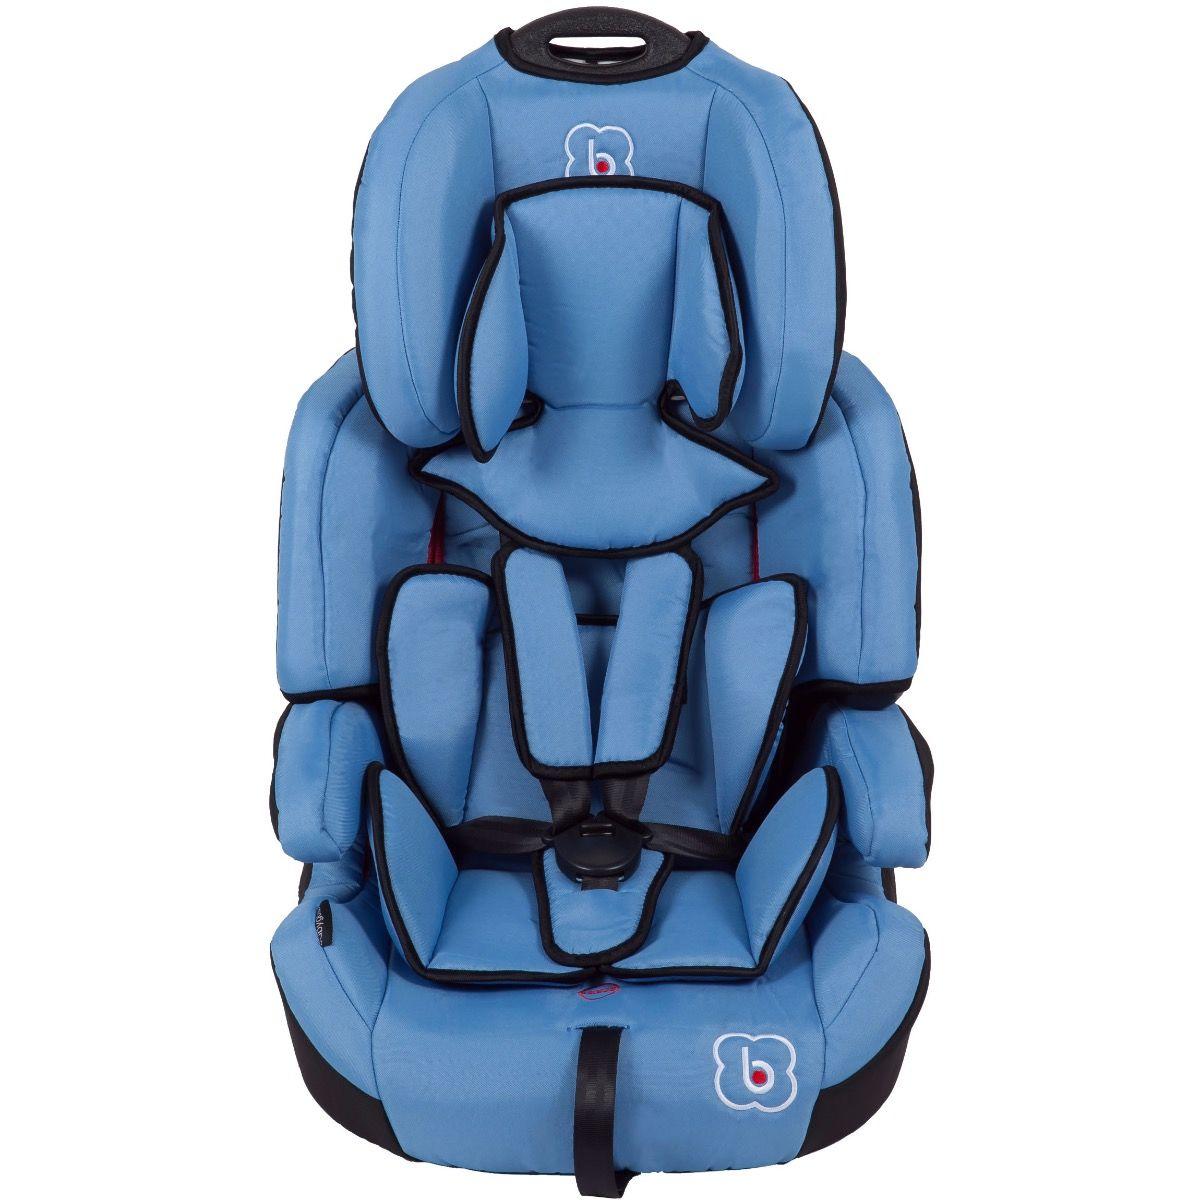 Afbeelding van Autostoel BabyGO GoSafe Blauw (9-36kg)